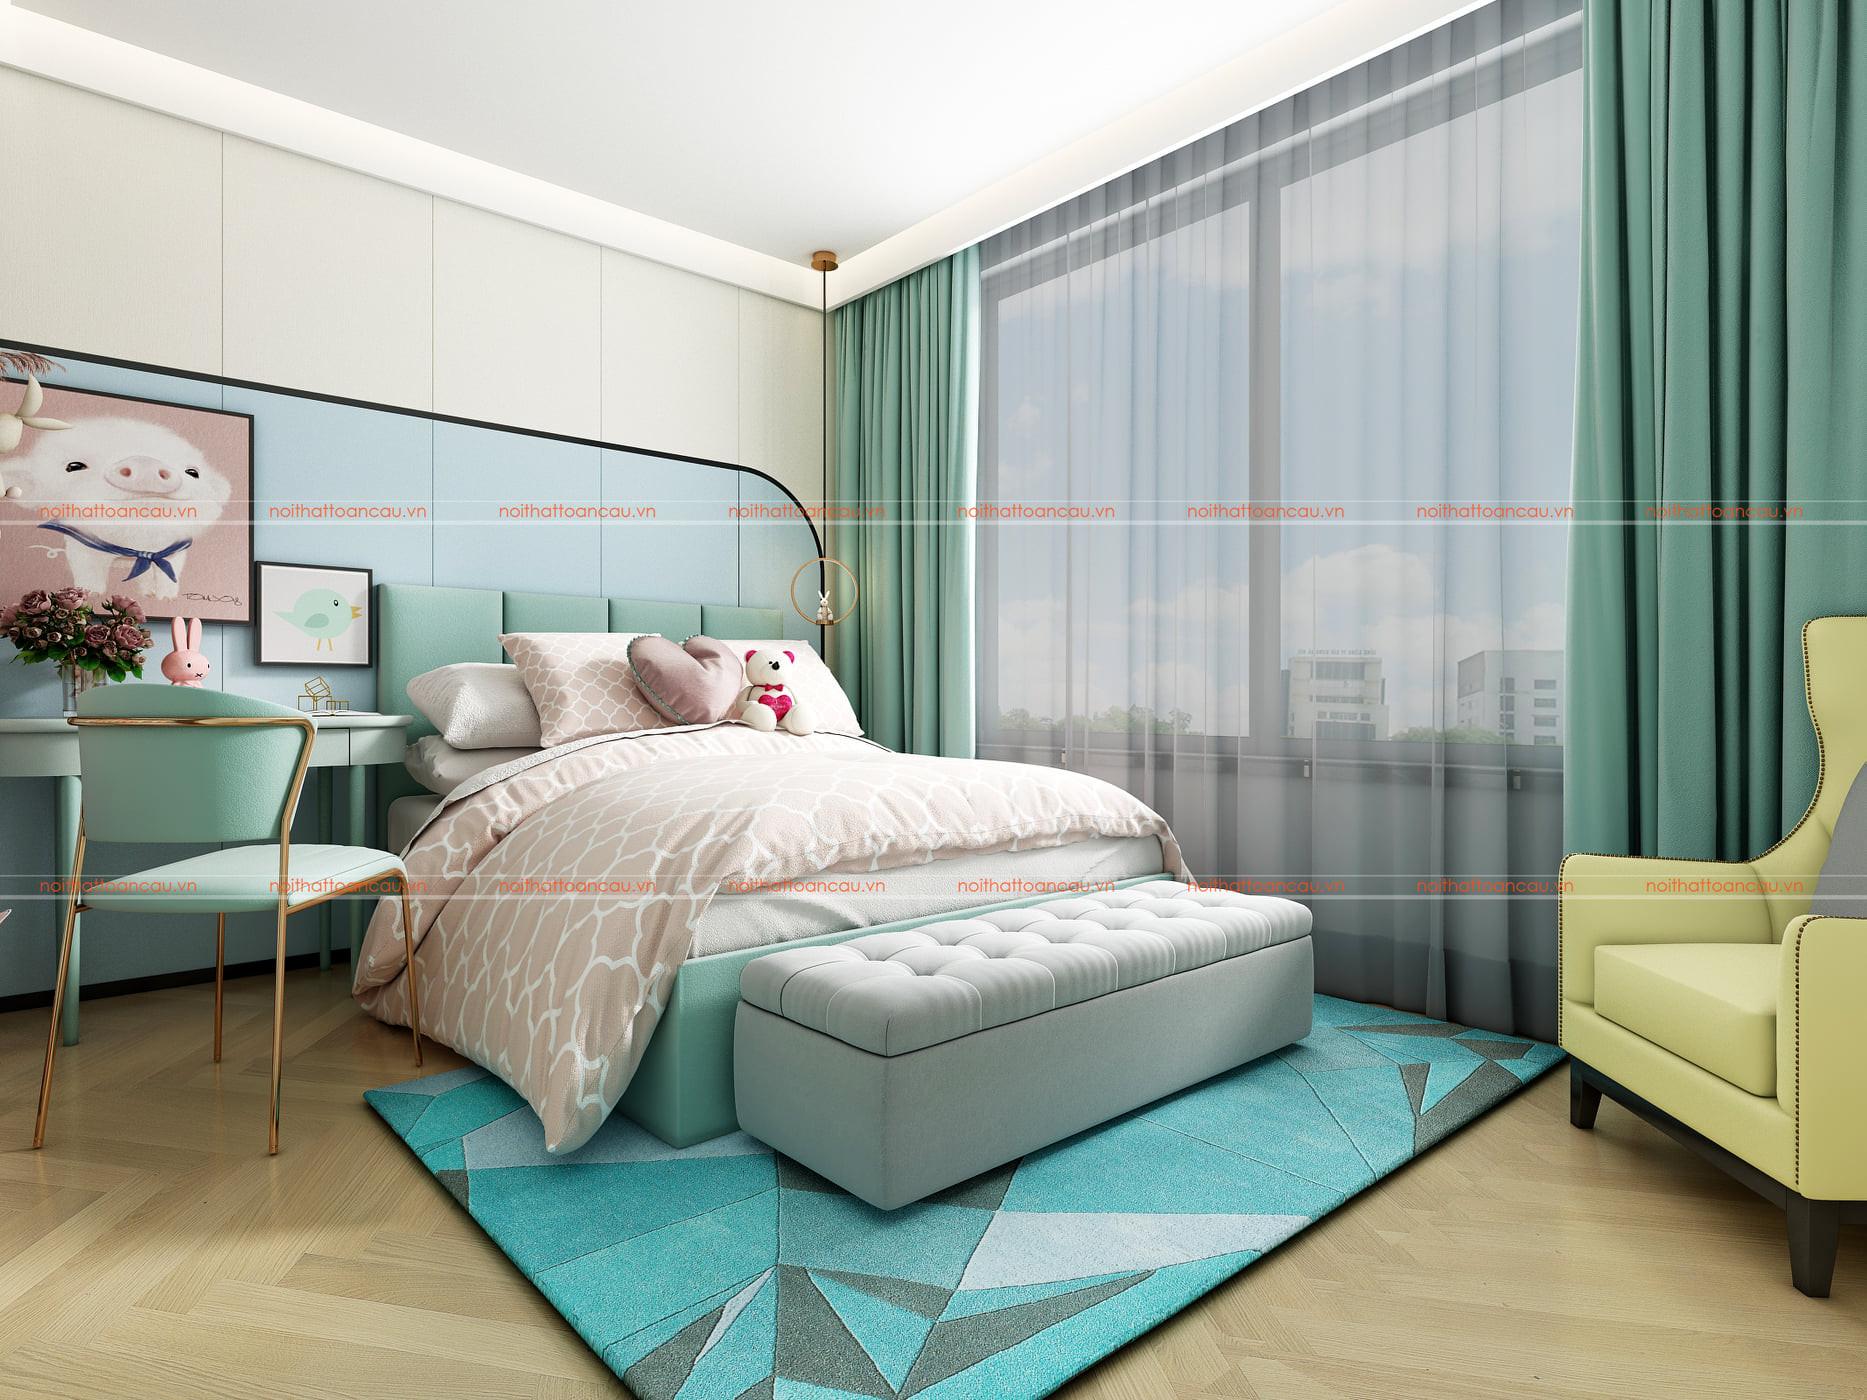 Phòng ngủ màu xanh nhỏ 10m2 cho bé gái